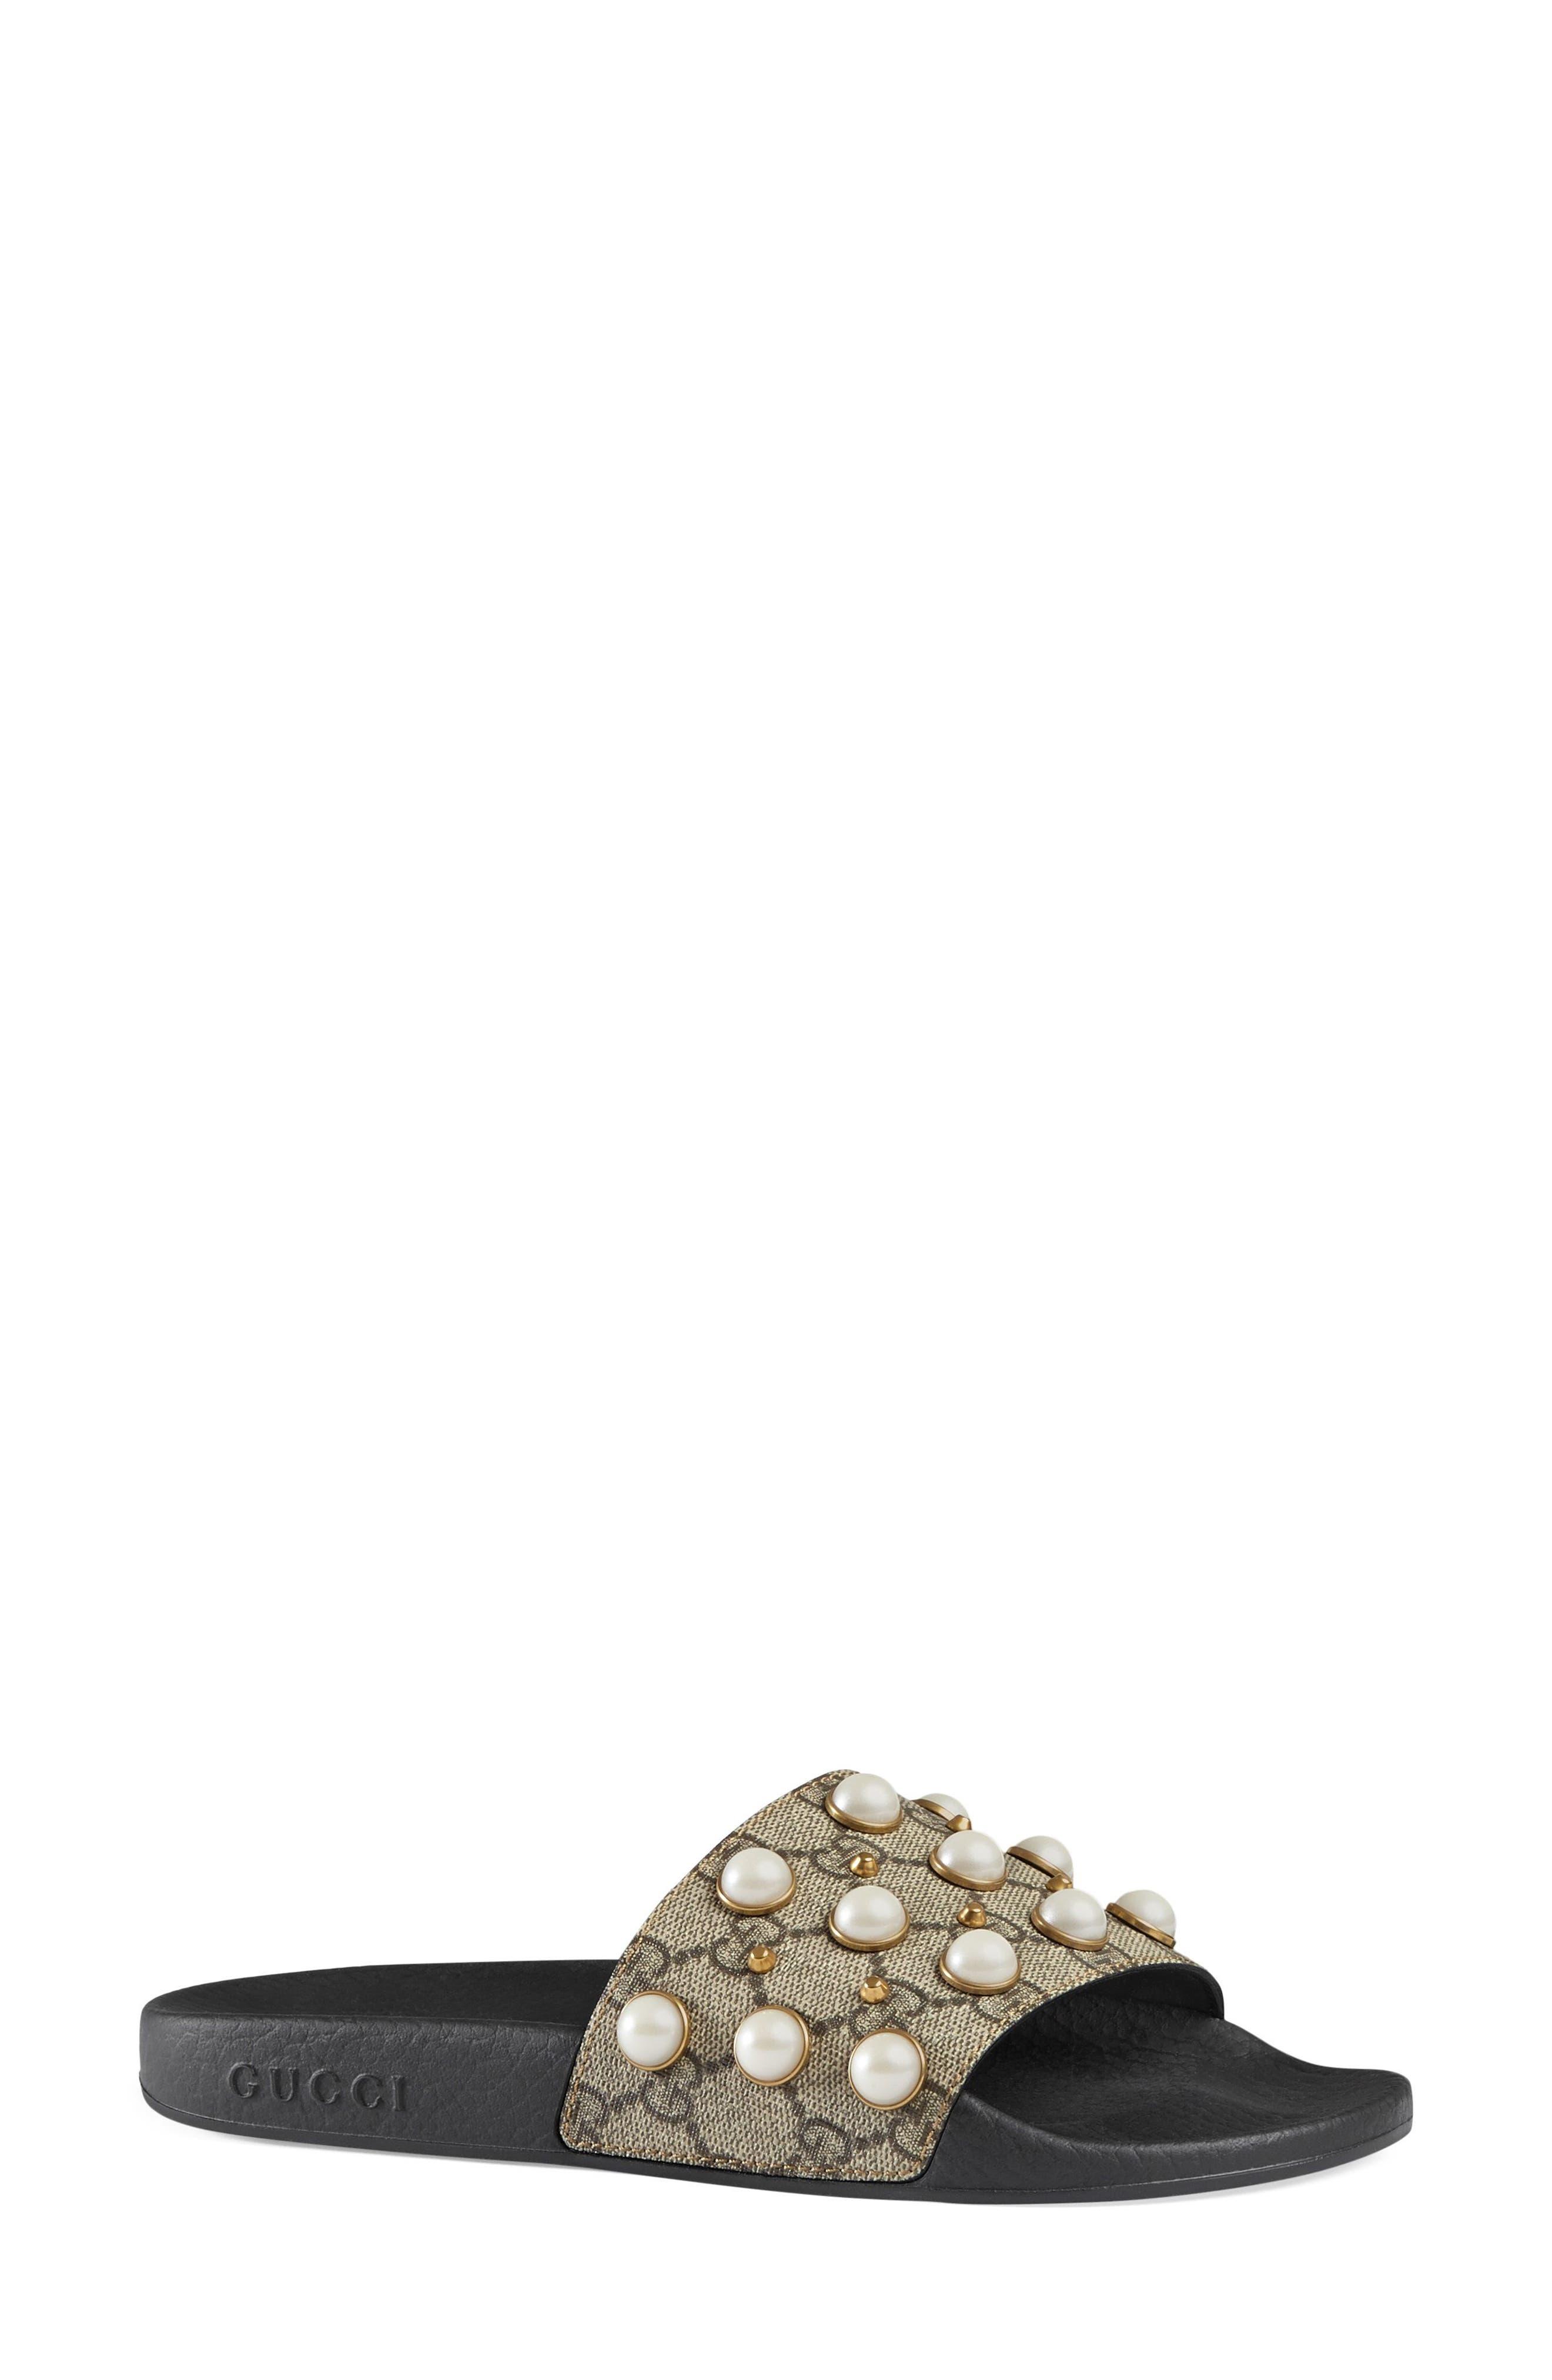 Alternate Image 2  - Gucci Pursuit Imitation Pearl Embellished Slide Sandal (Women)